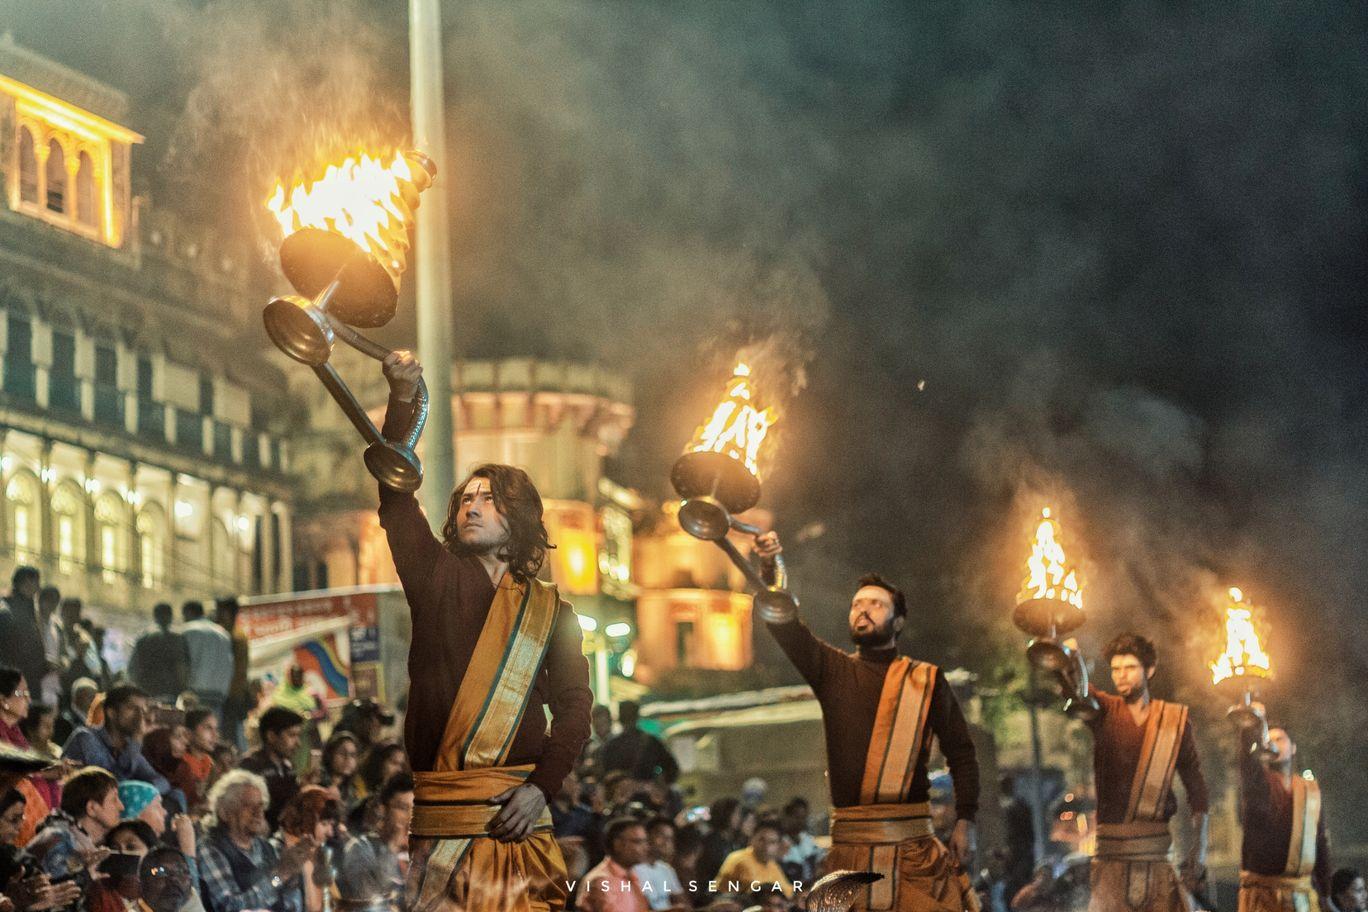 Photo of Banaras By Vishal Sengar